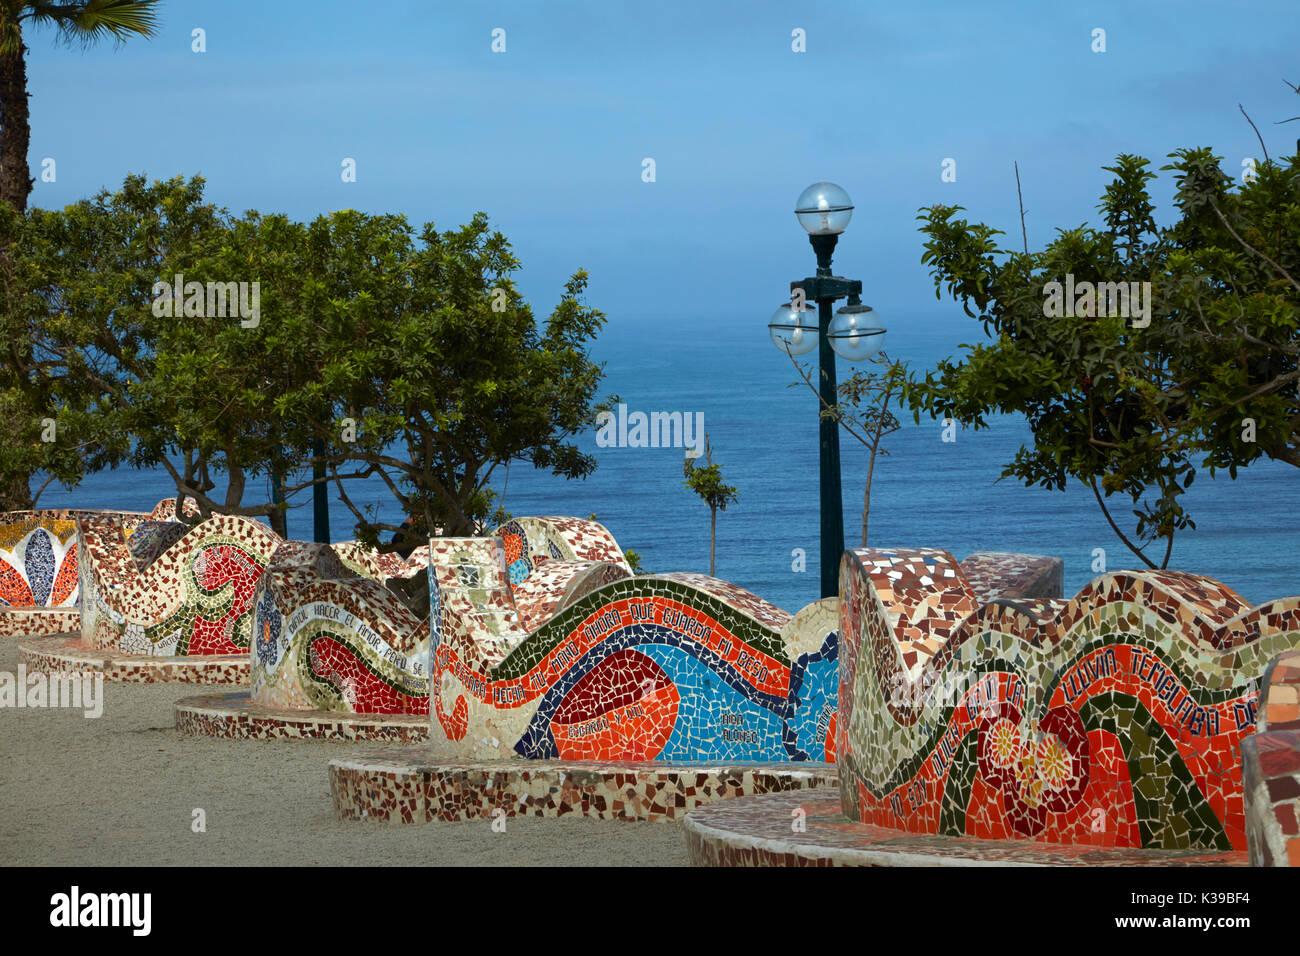 Curvy mosaico en la pared del Amor Park (Parque del Amor), Miraflores, Lima, Perú, América del Sur Imagen De Stock